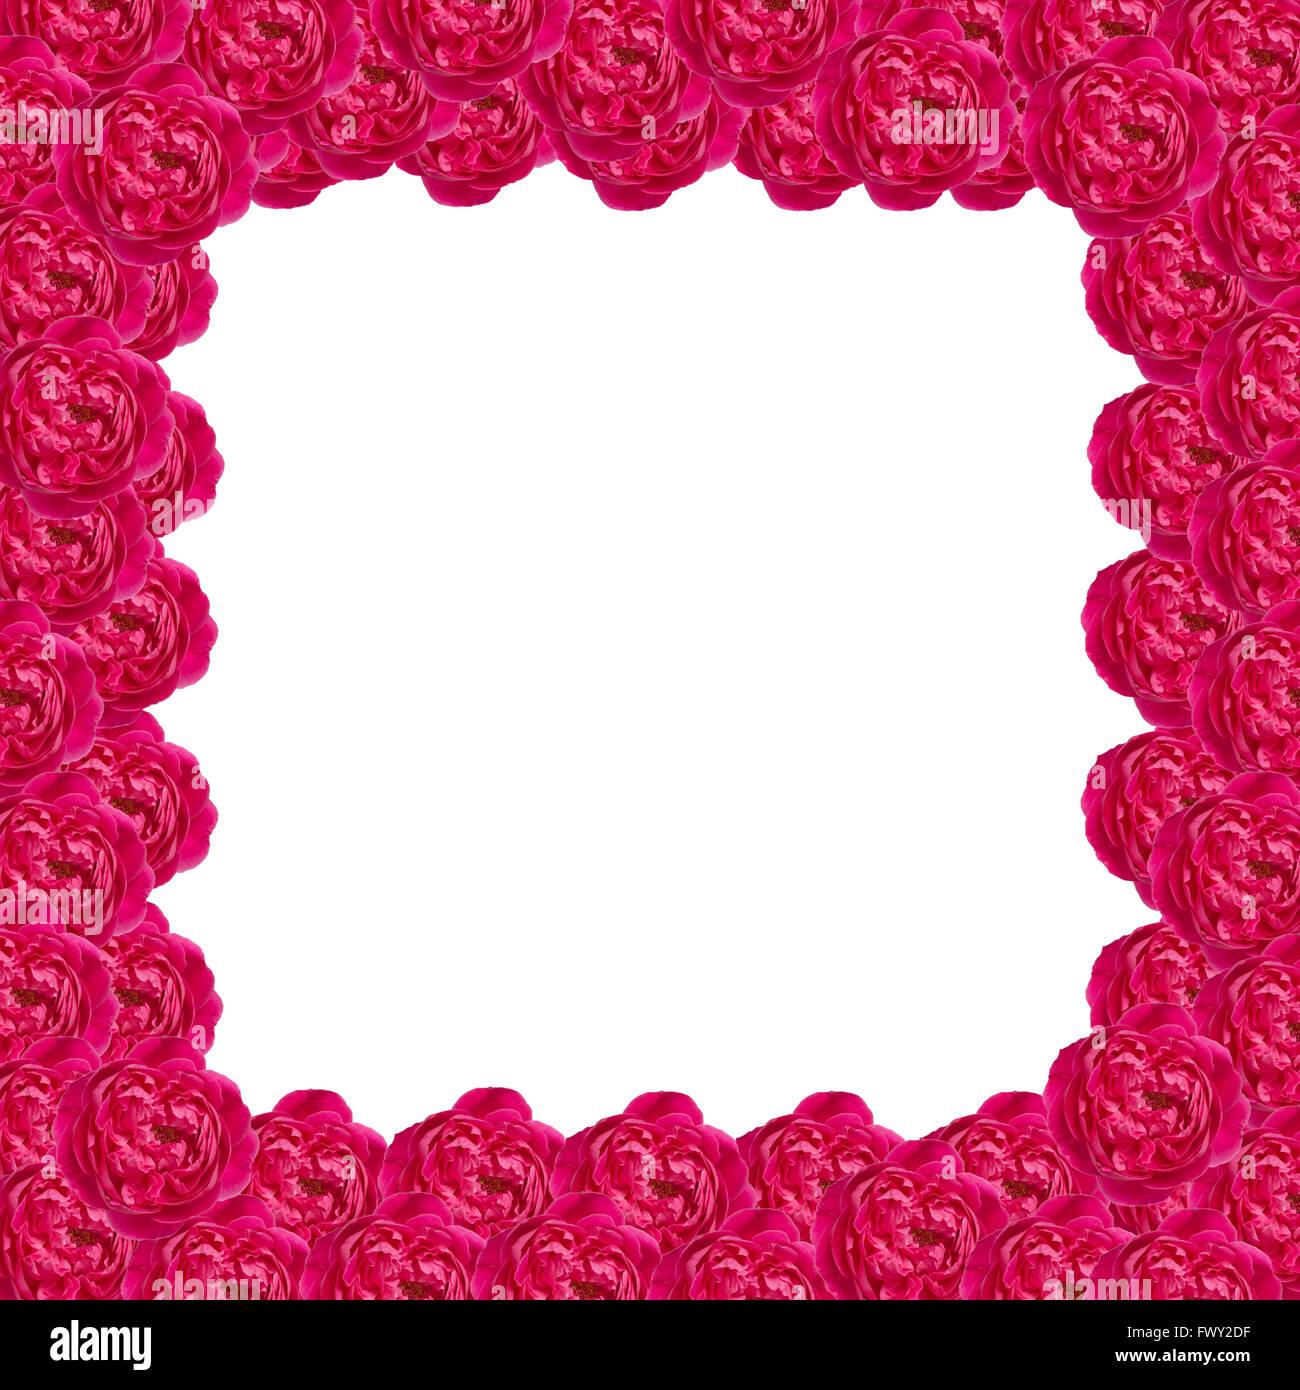 Damask rose frame isolated on white background Stock Photo ...